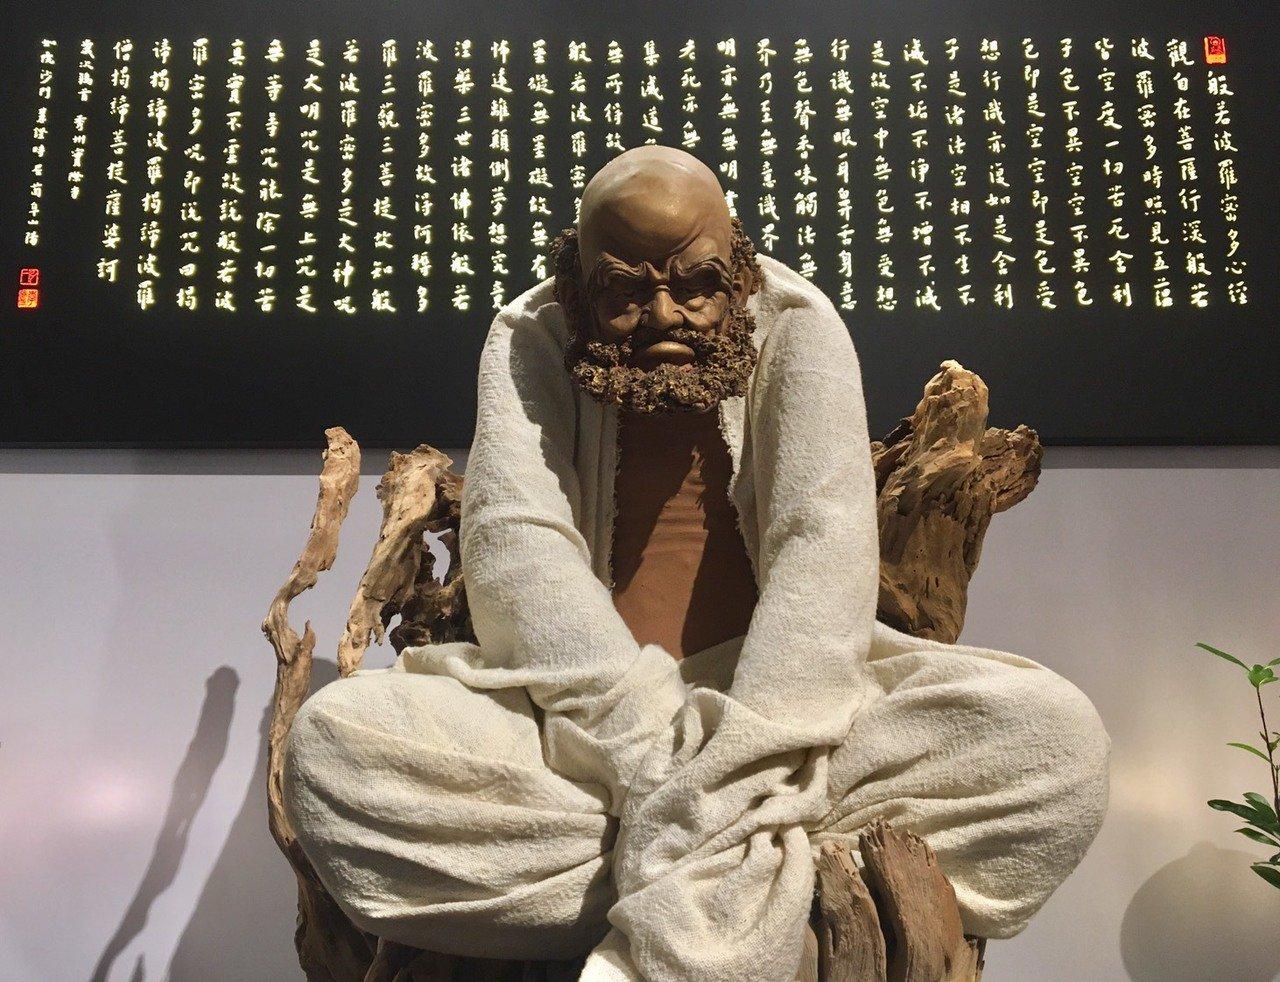 「唐山佛具店」將佛像以現代、簡約風格呈現,但仍不失傳統佛像的莊嚴、隆重。記者郭頤...